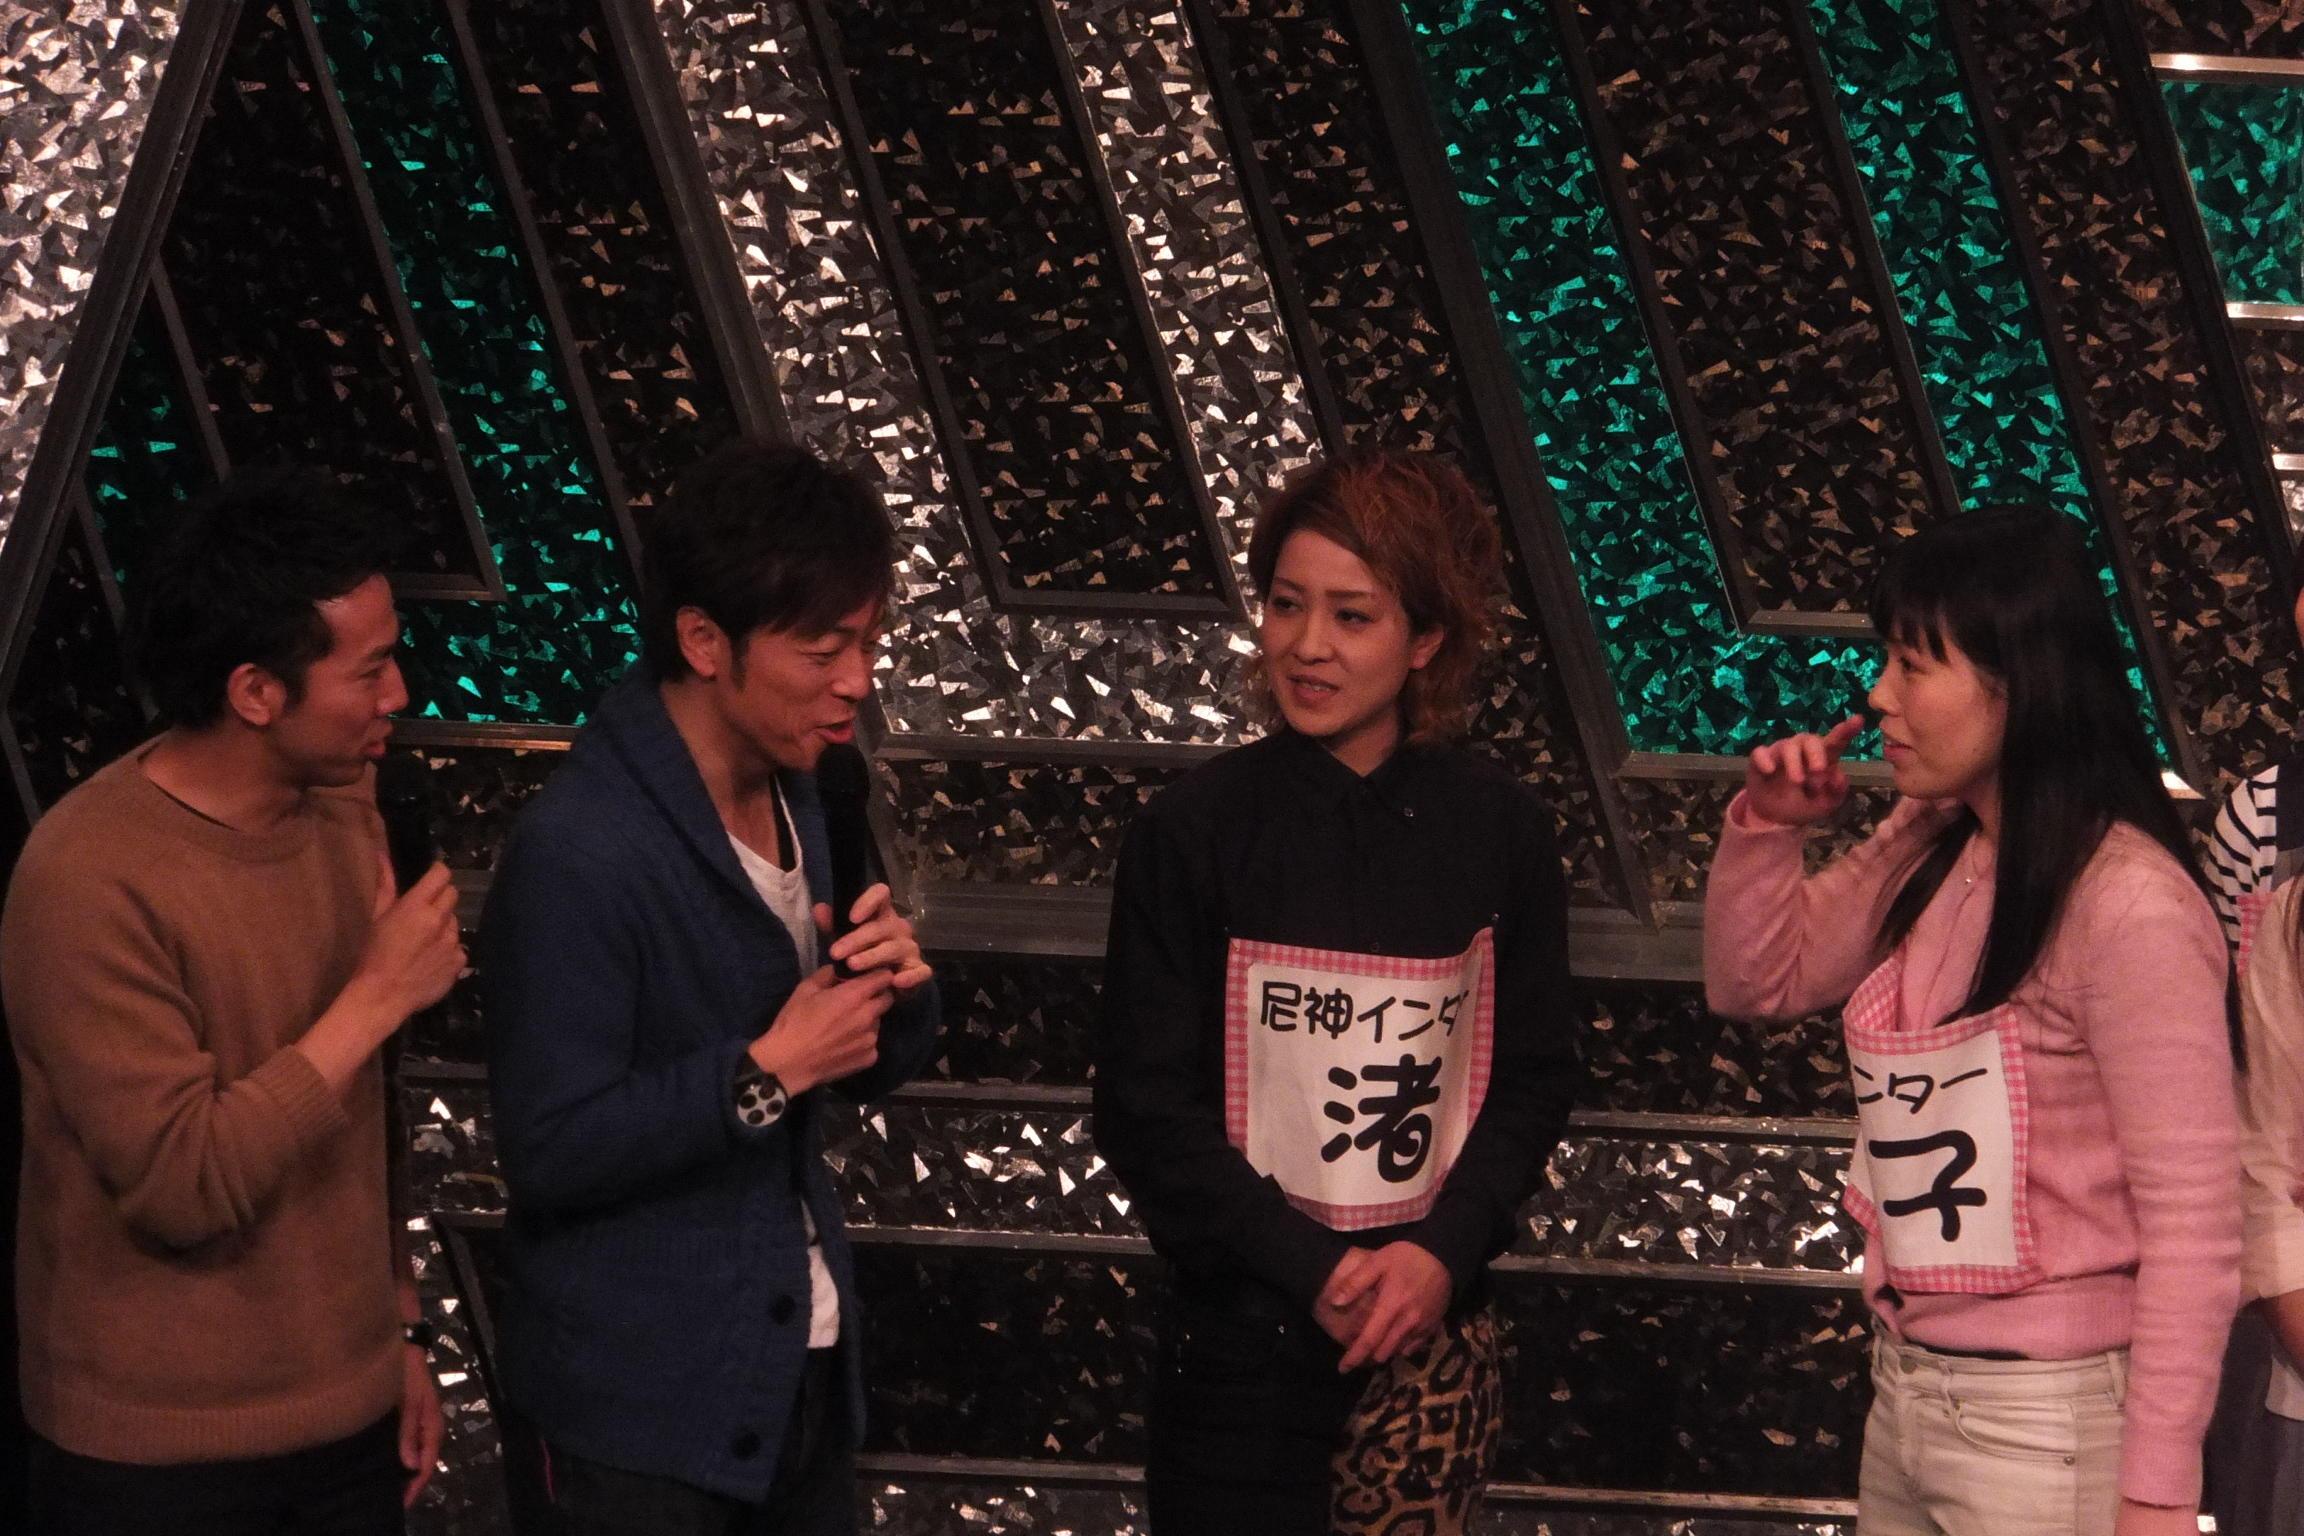 http://news.yoshimoto.co.jp/20160129151136-716bc53cb1de3b2924470fd0f06b43c9968f8af7.jpg